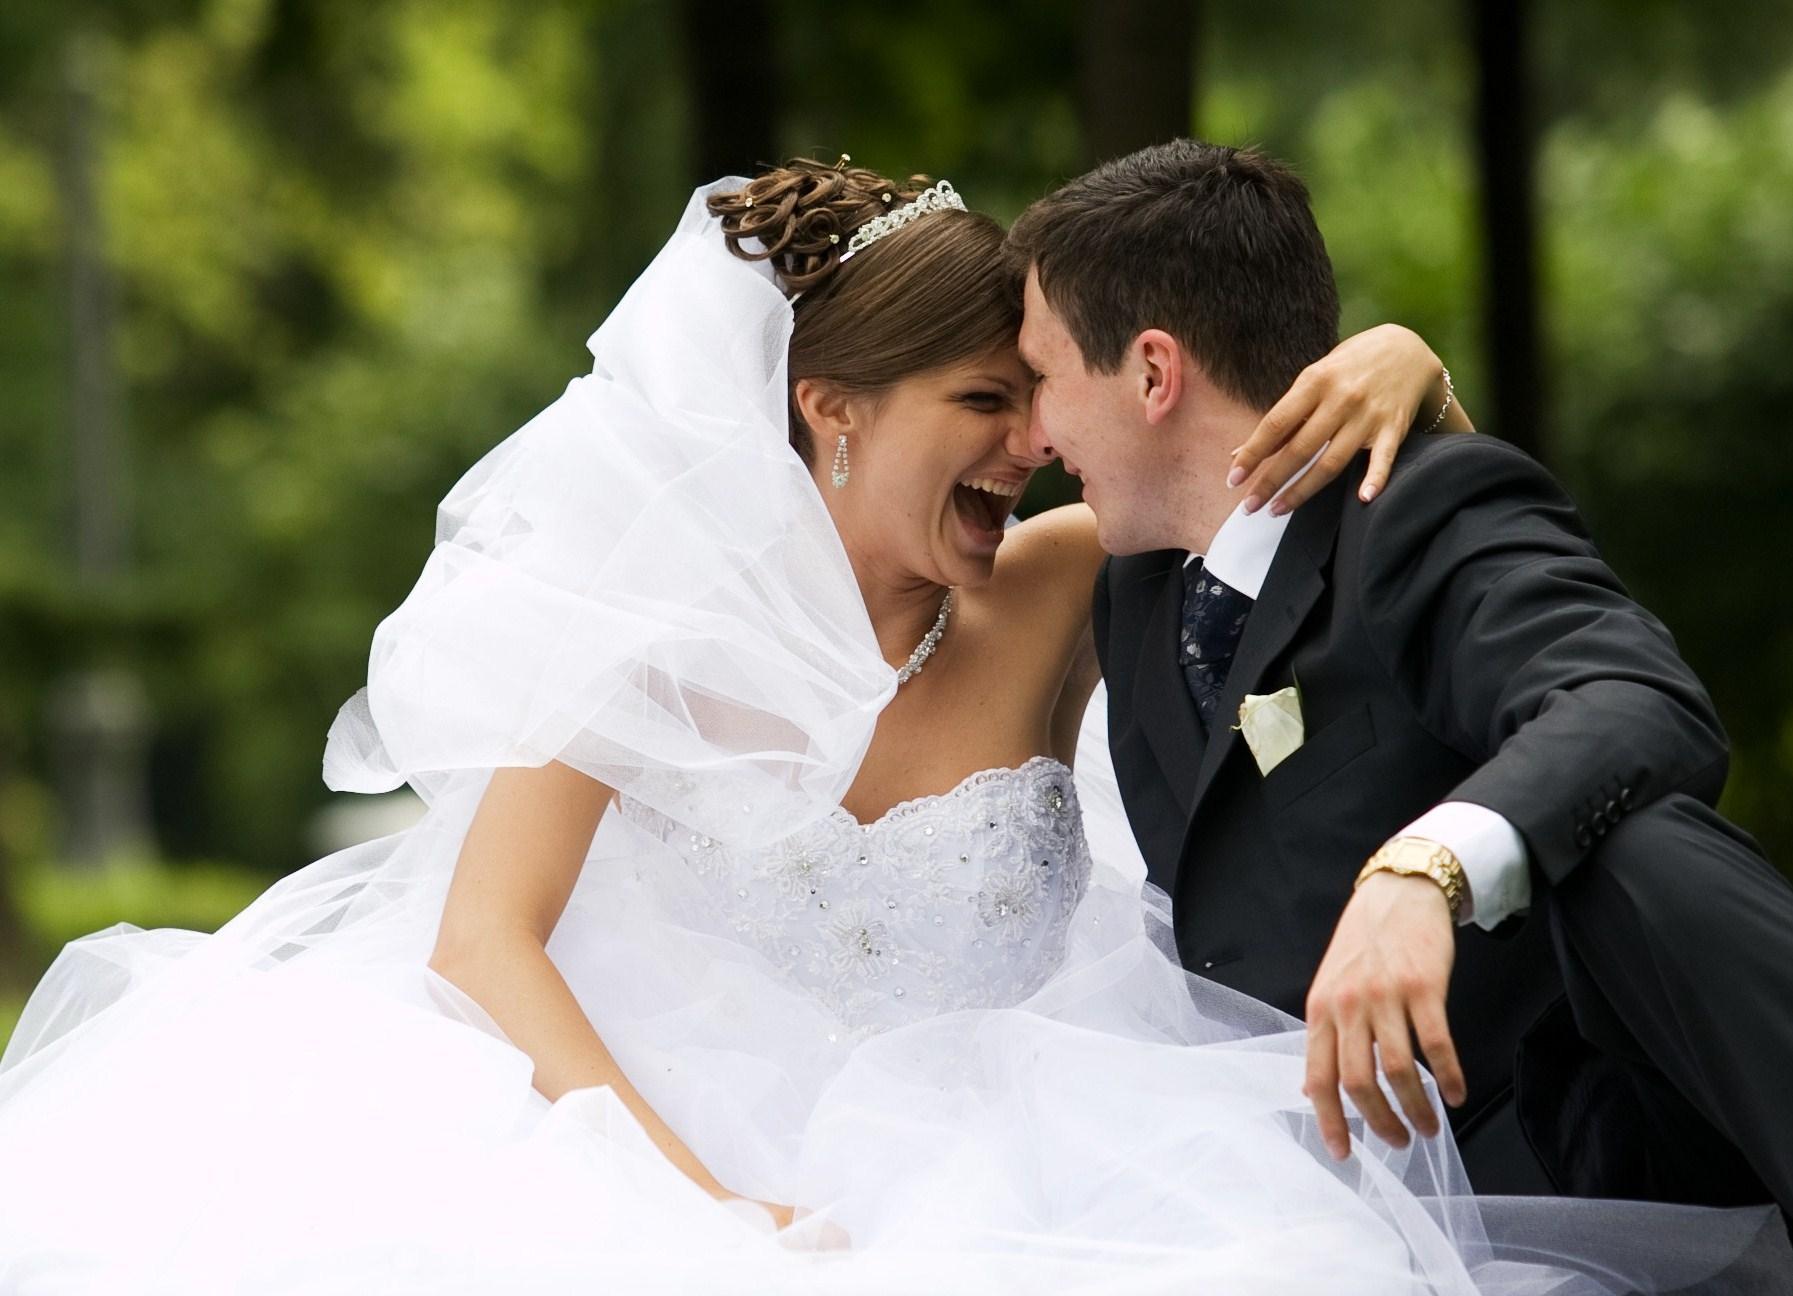 зачем замужней женщине любовь